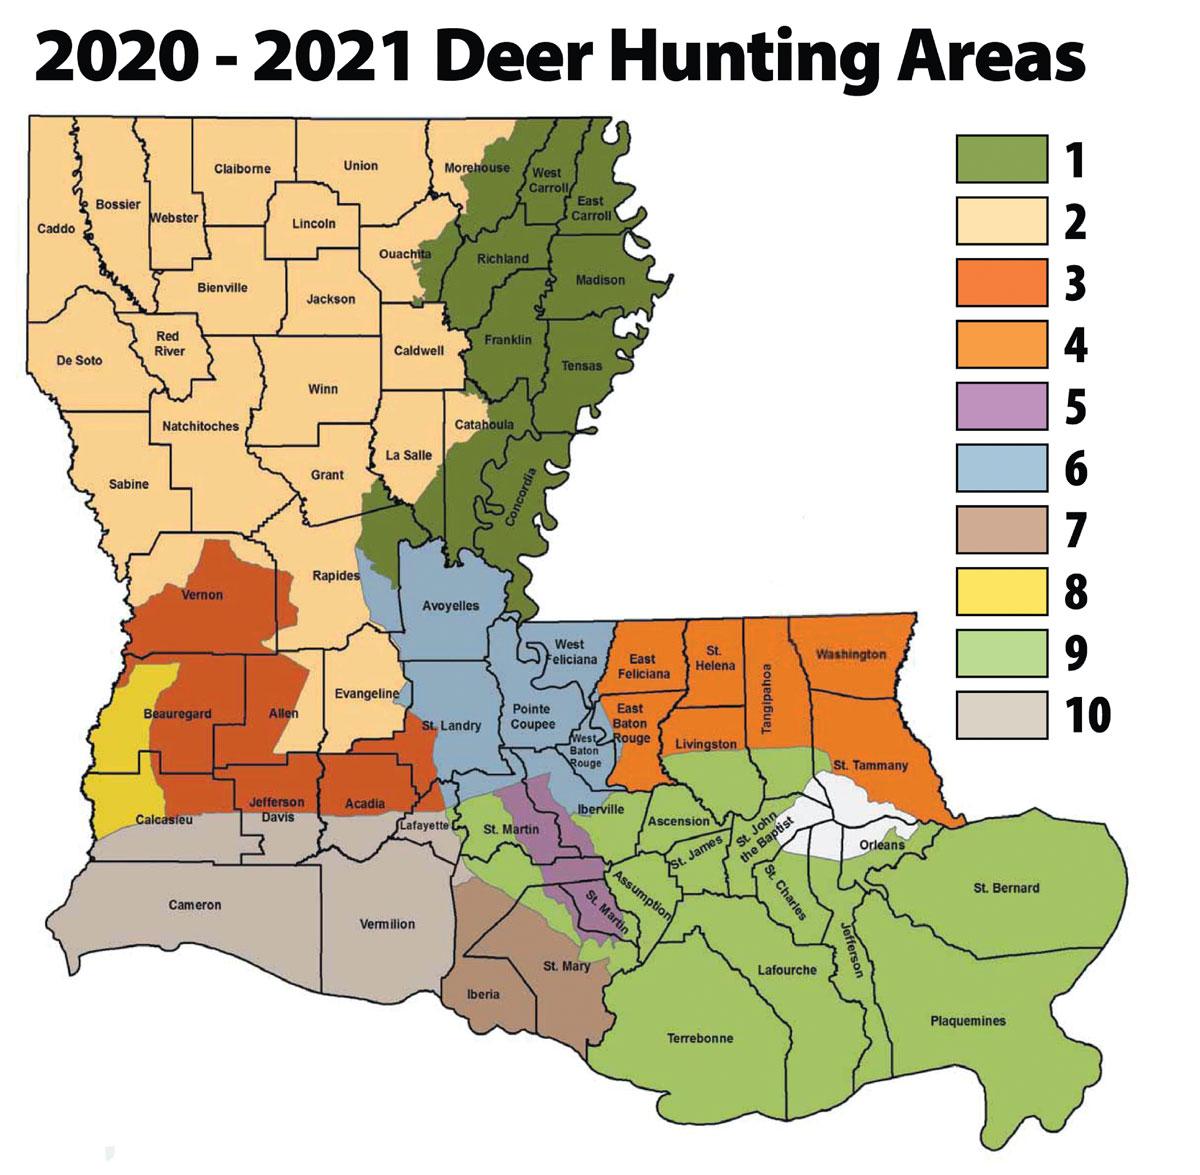 Louisiana'S 2020 Rut Report - Louisiana Sportsman regarding Deer Rut Map 2021